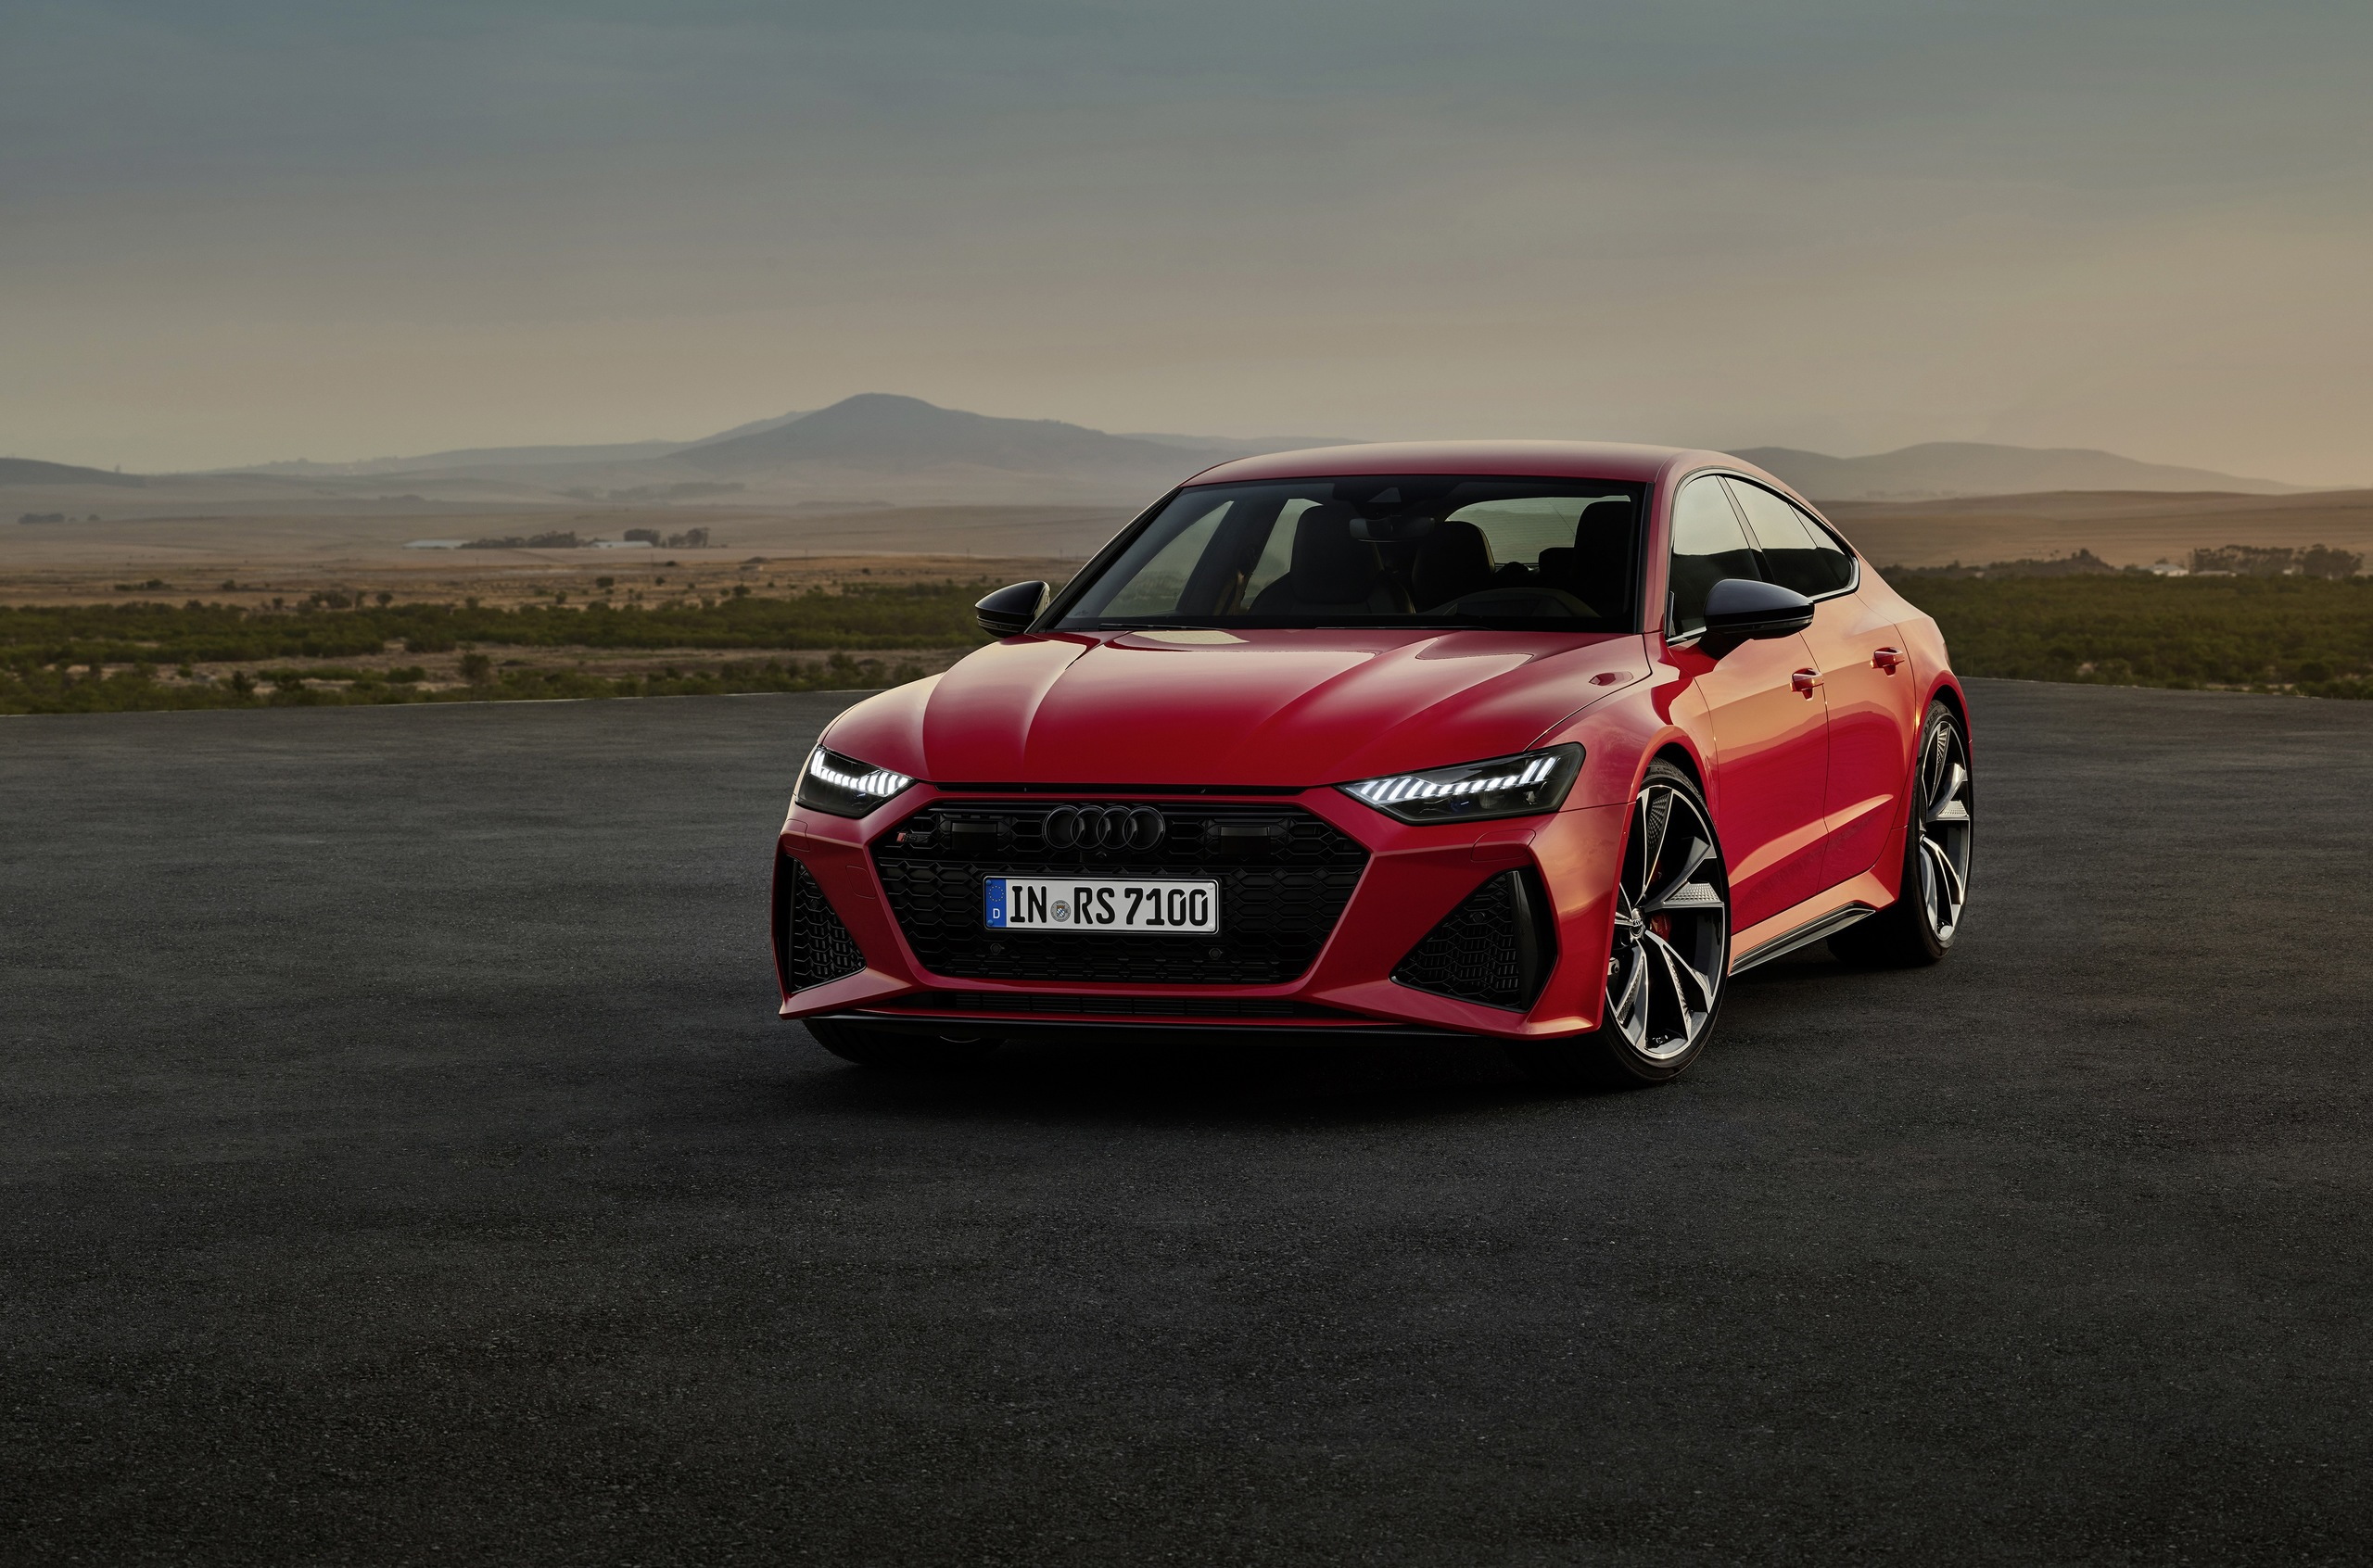 На только что открывшемся автосалоне во Франкфурте состоялся дебют нового поколения Audi RS7 Sportback. Спешим поделиться с вами главными особенностями лифтбека.